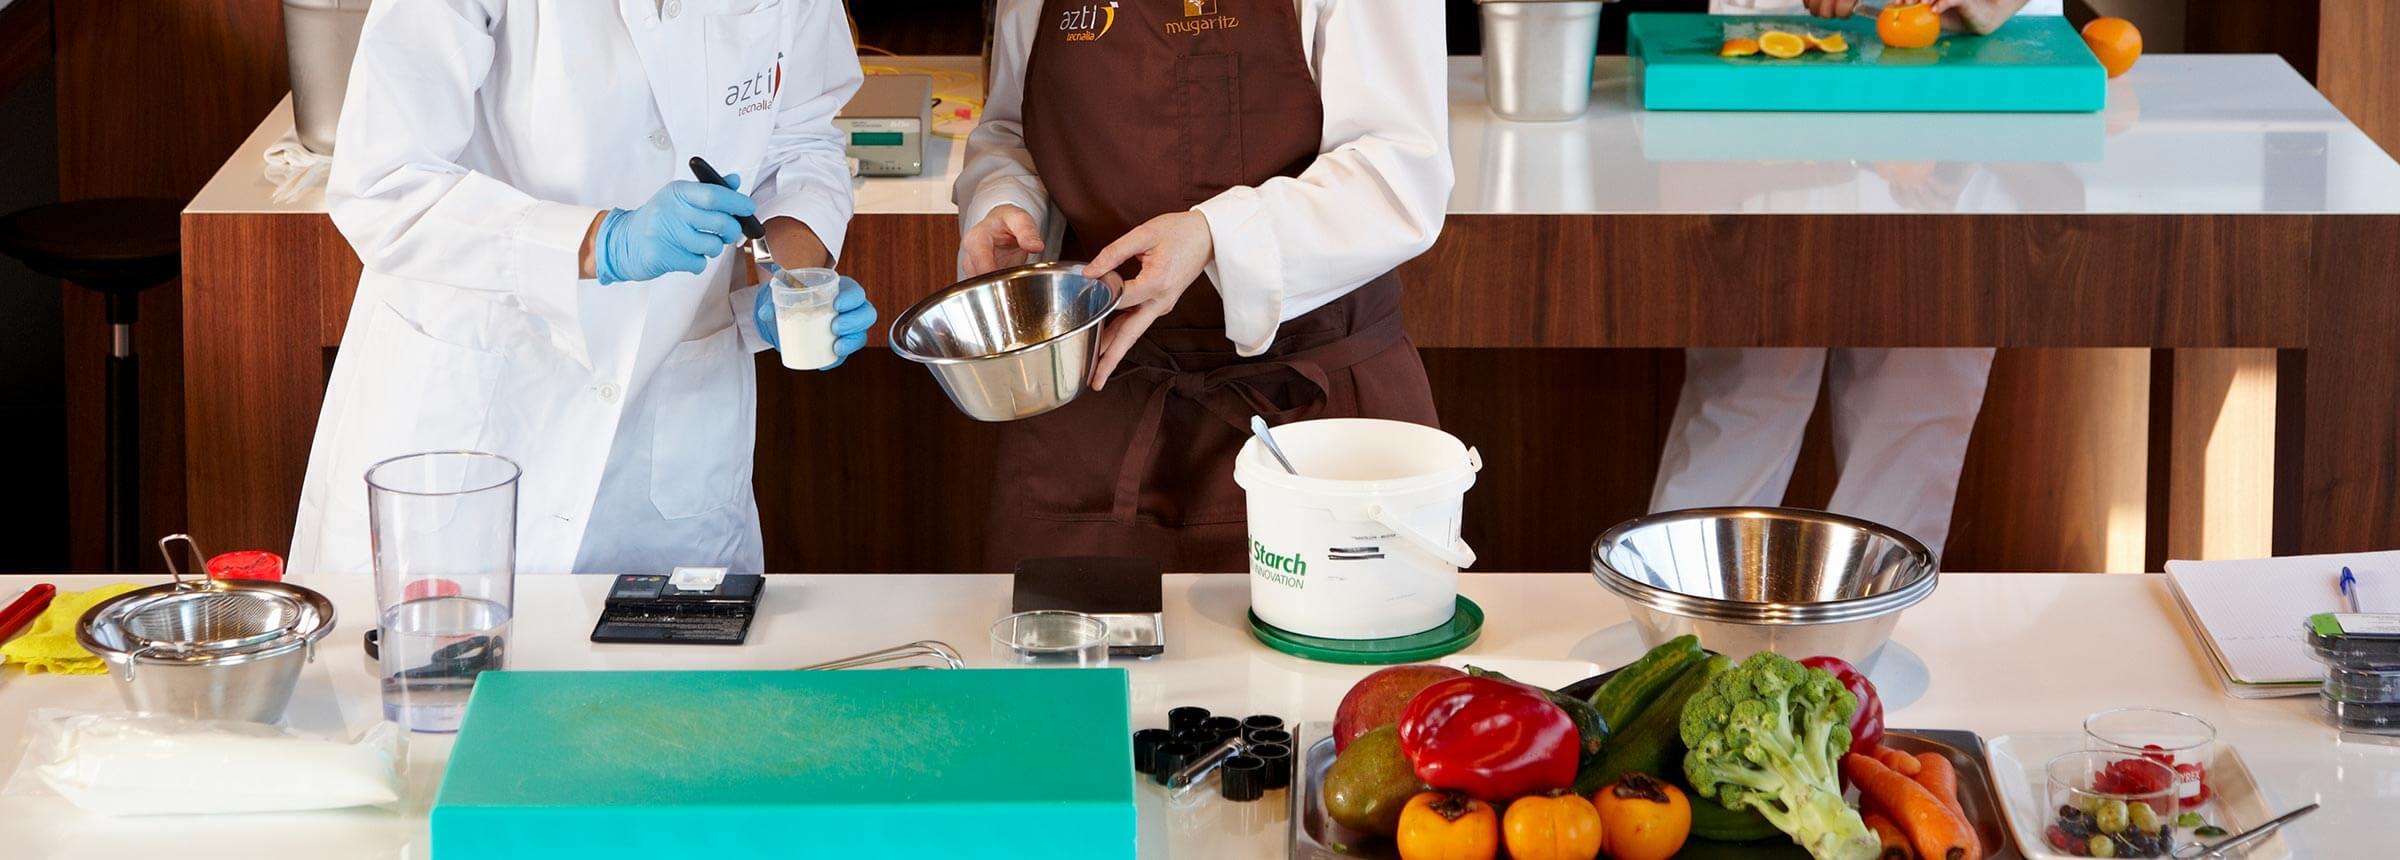 cocina experimental alimentos salud bienestar